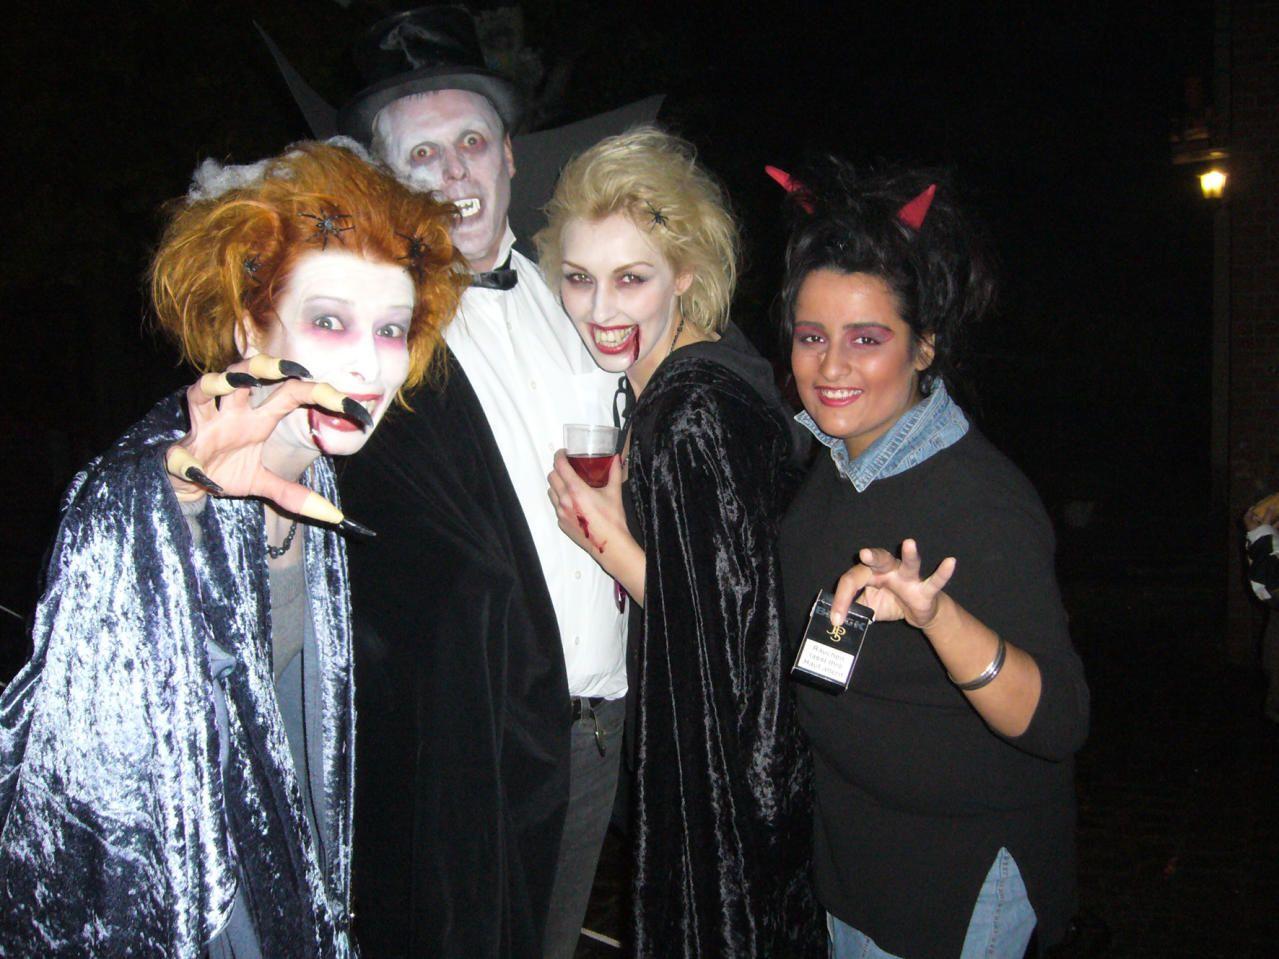 Partygäste in typischer Halloween-Verkleidung. Foto: B. Wilheim, Kiez und Kneipe